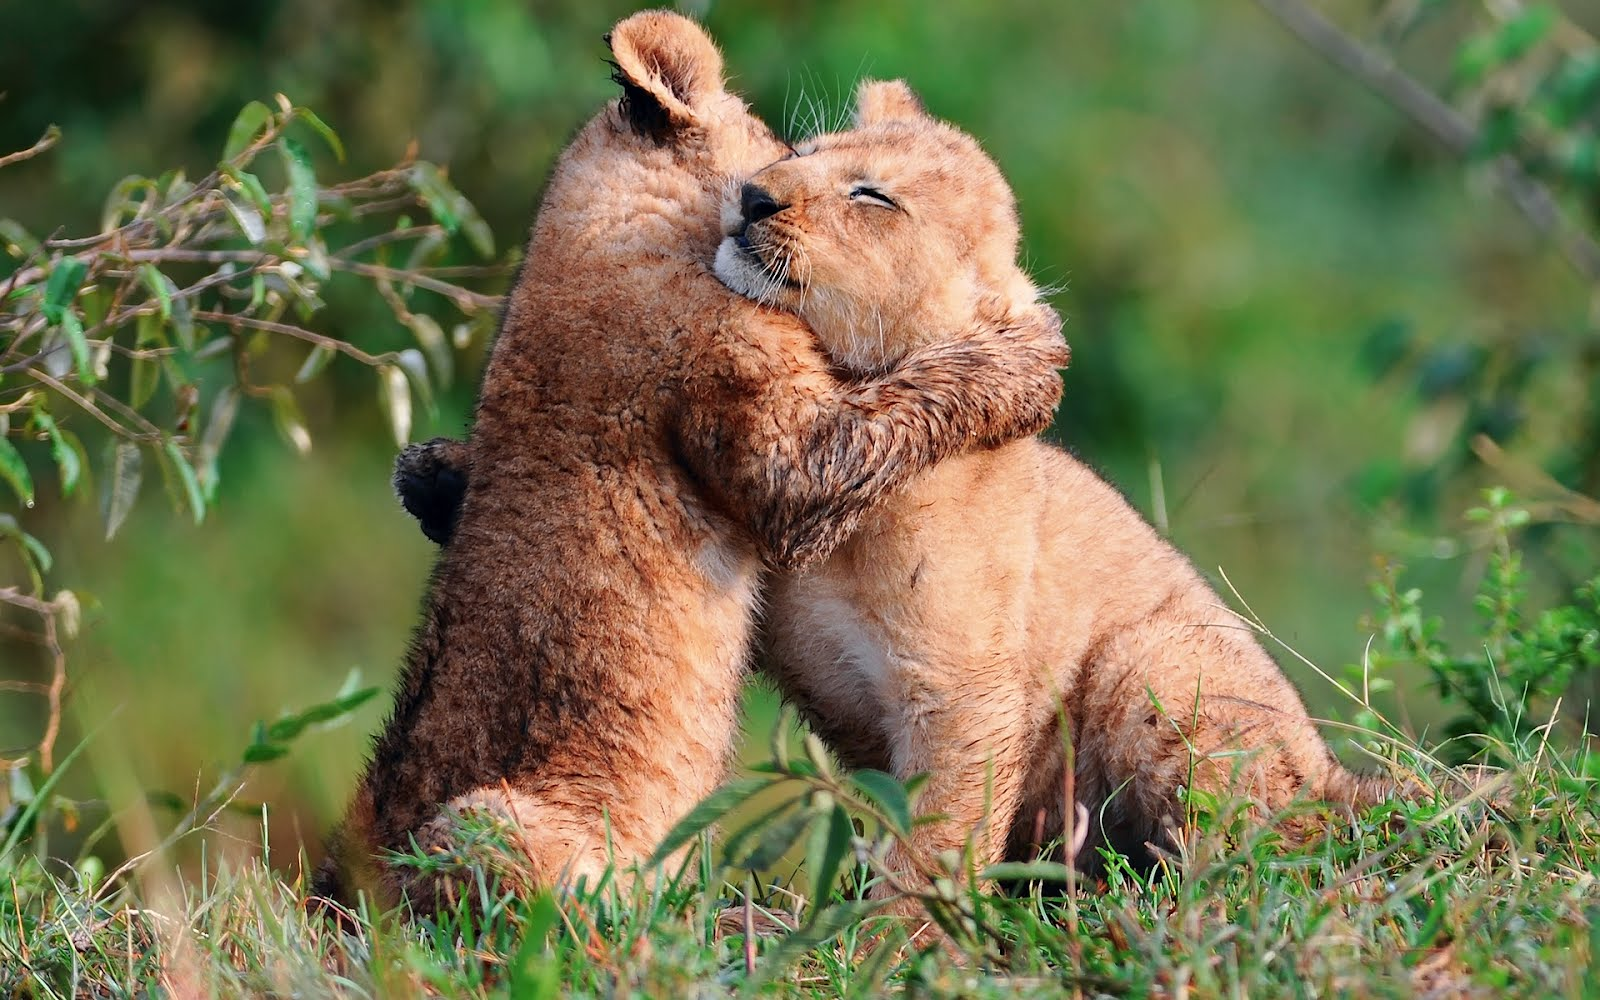 Lion Cubs Hugging